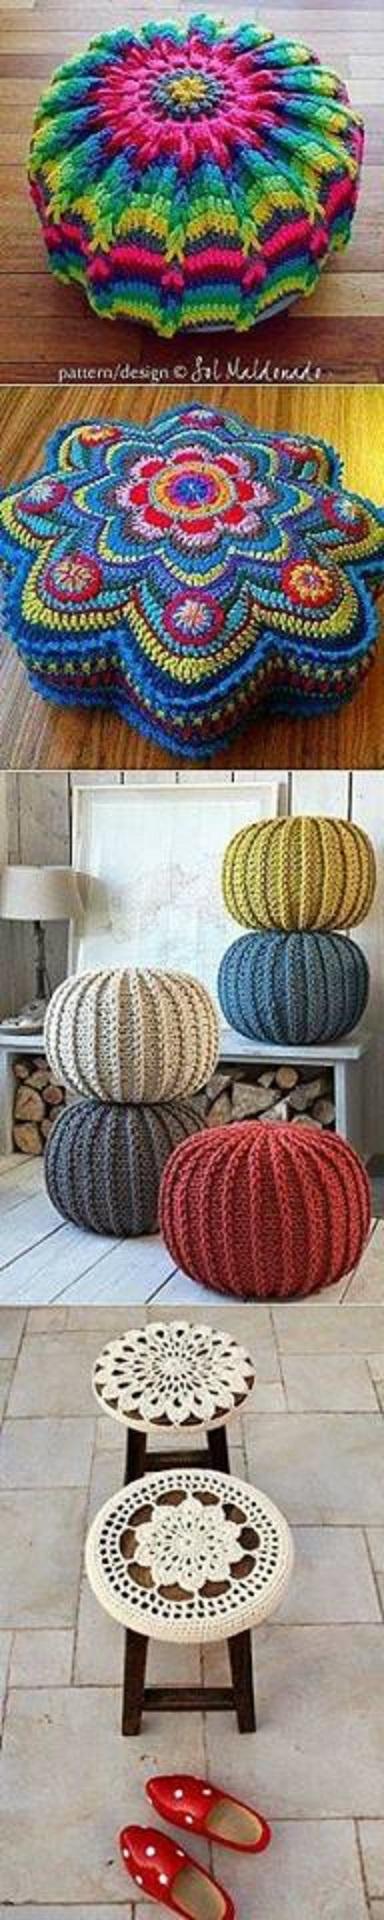 cojines bonitos y practicos crochet-otakulandia.es